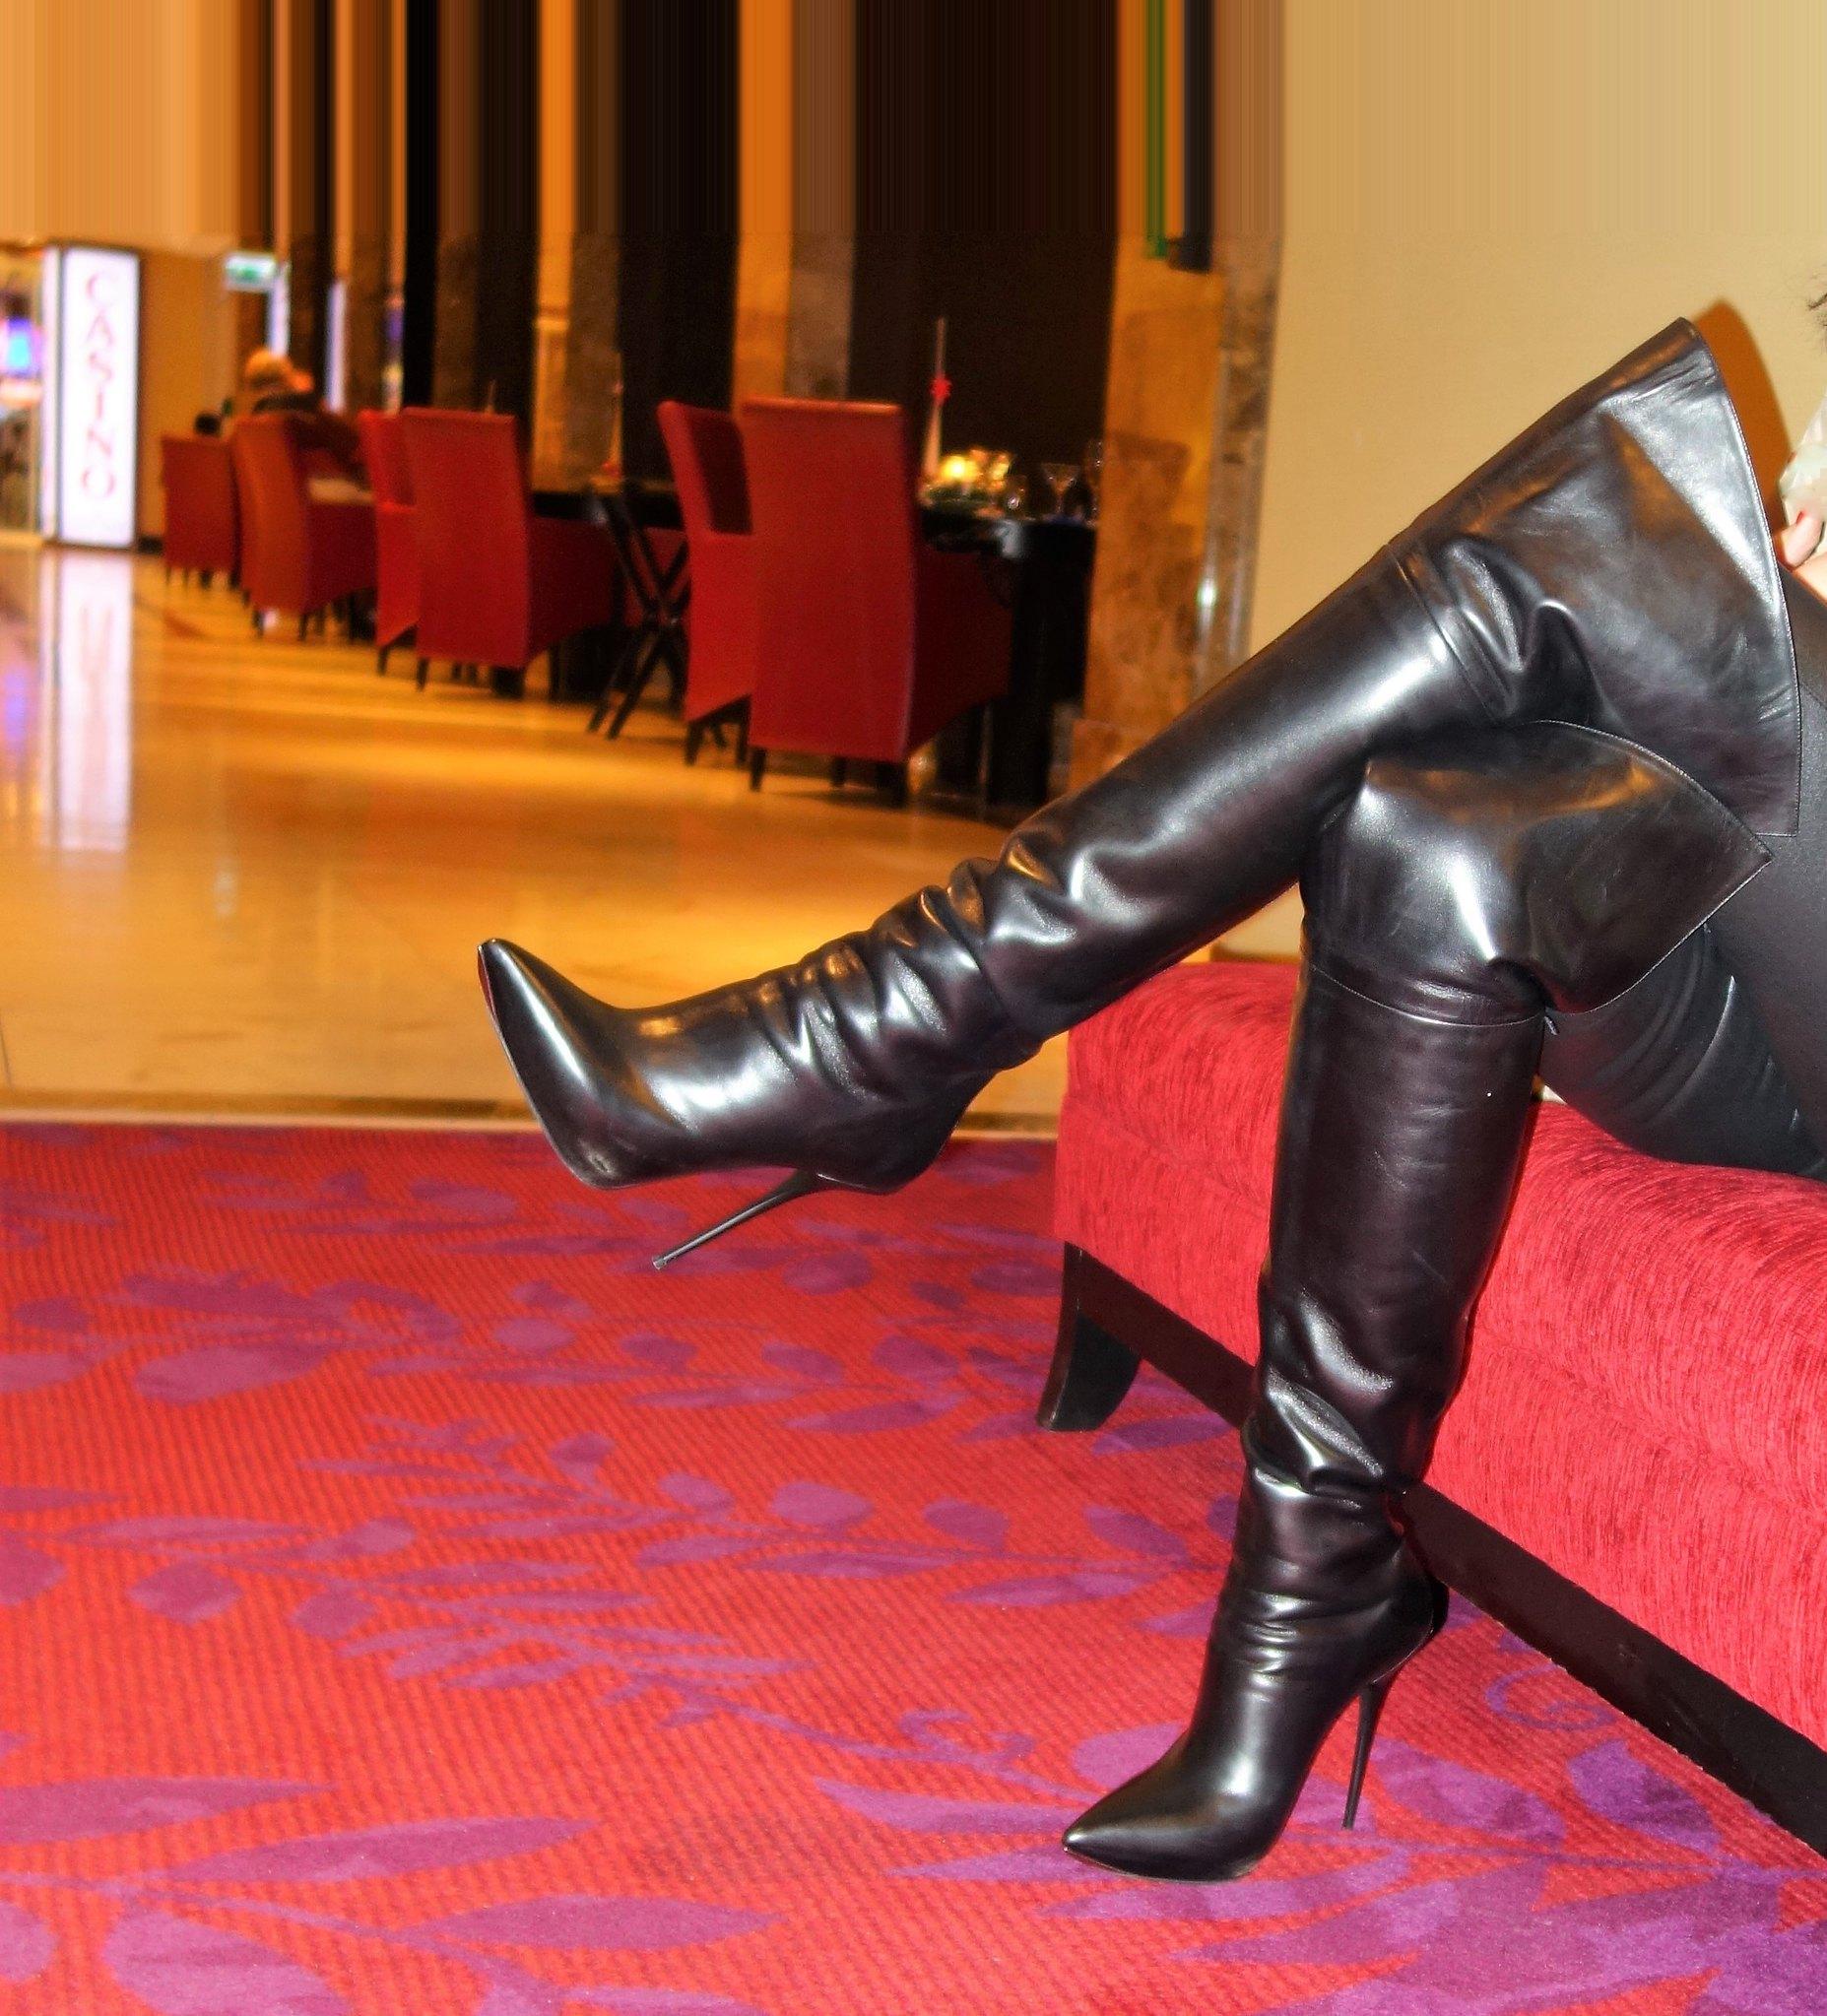 Flickr: Rosina's Heels